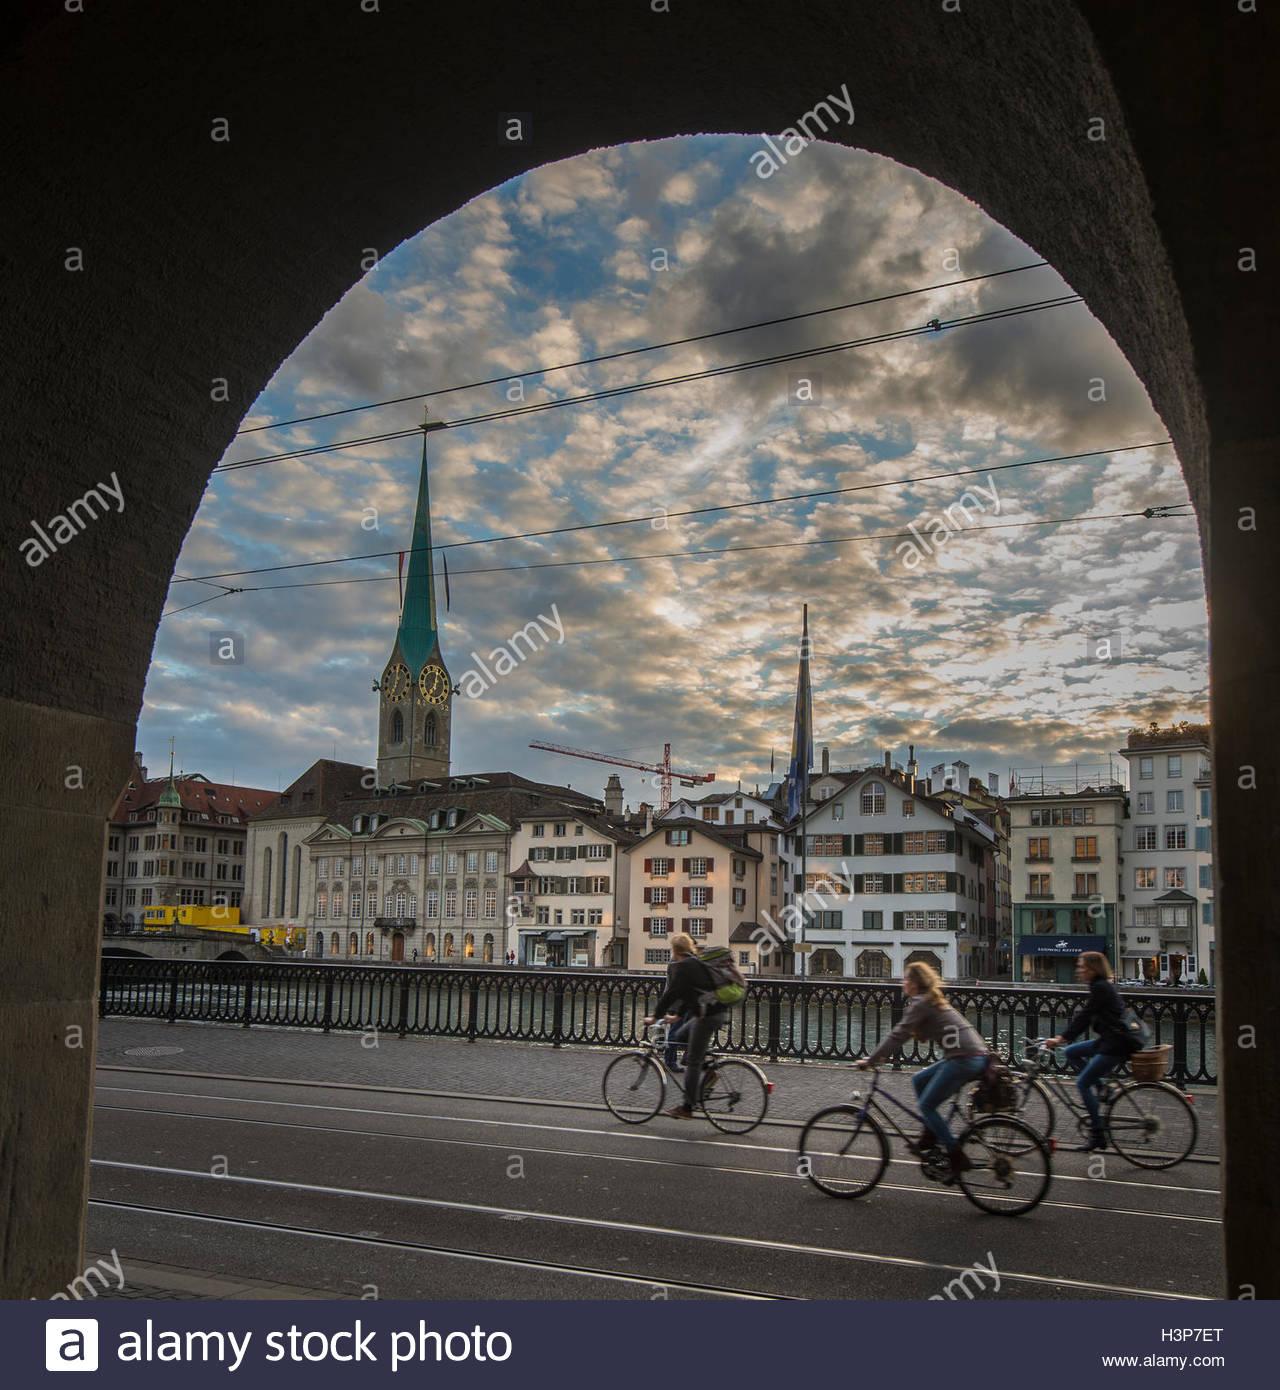 Radfahrer in Zürich unterwegs. Stockbild